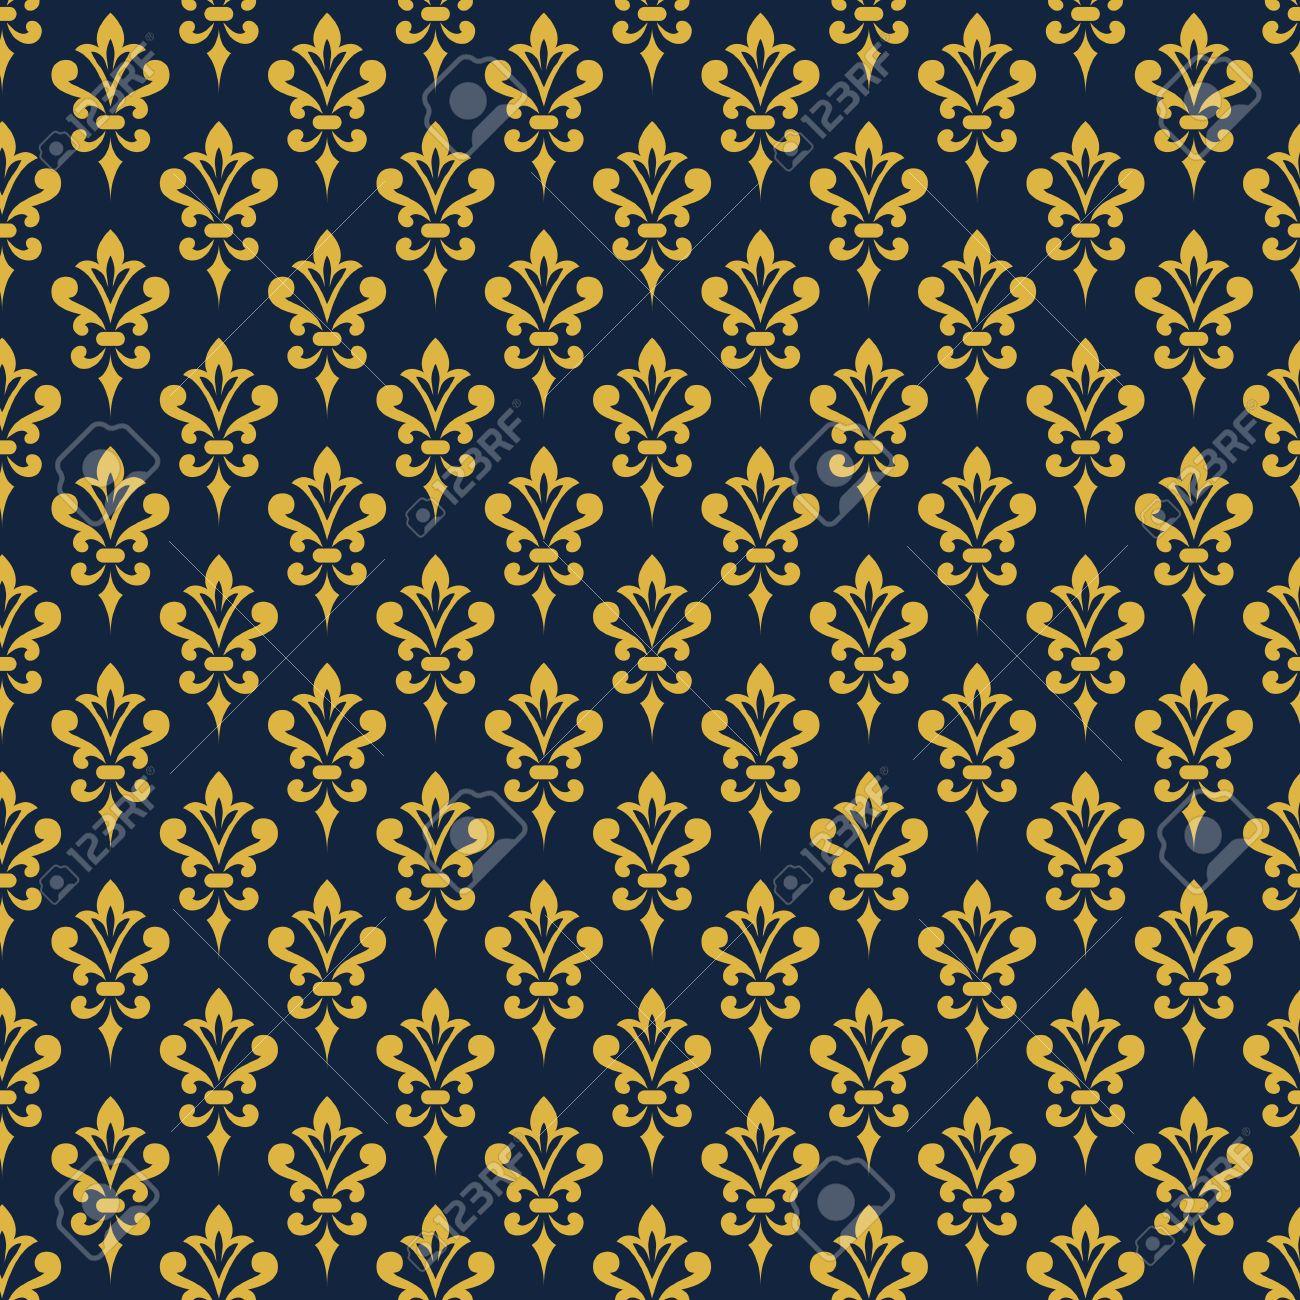 Damask Wallpaper Background In Victorian Style Elegant Vintage